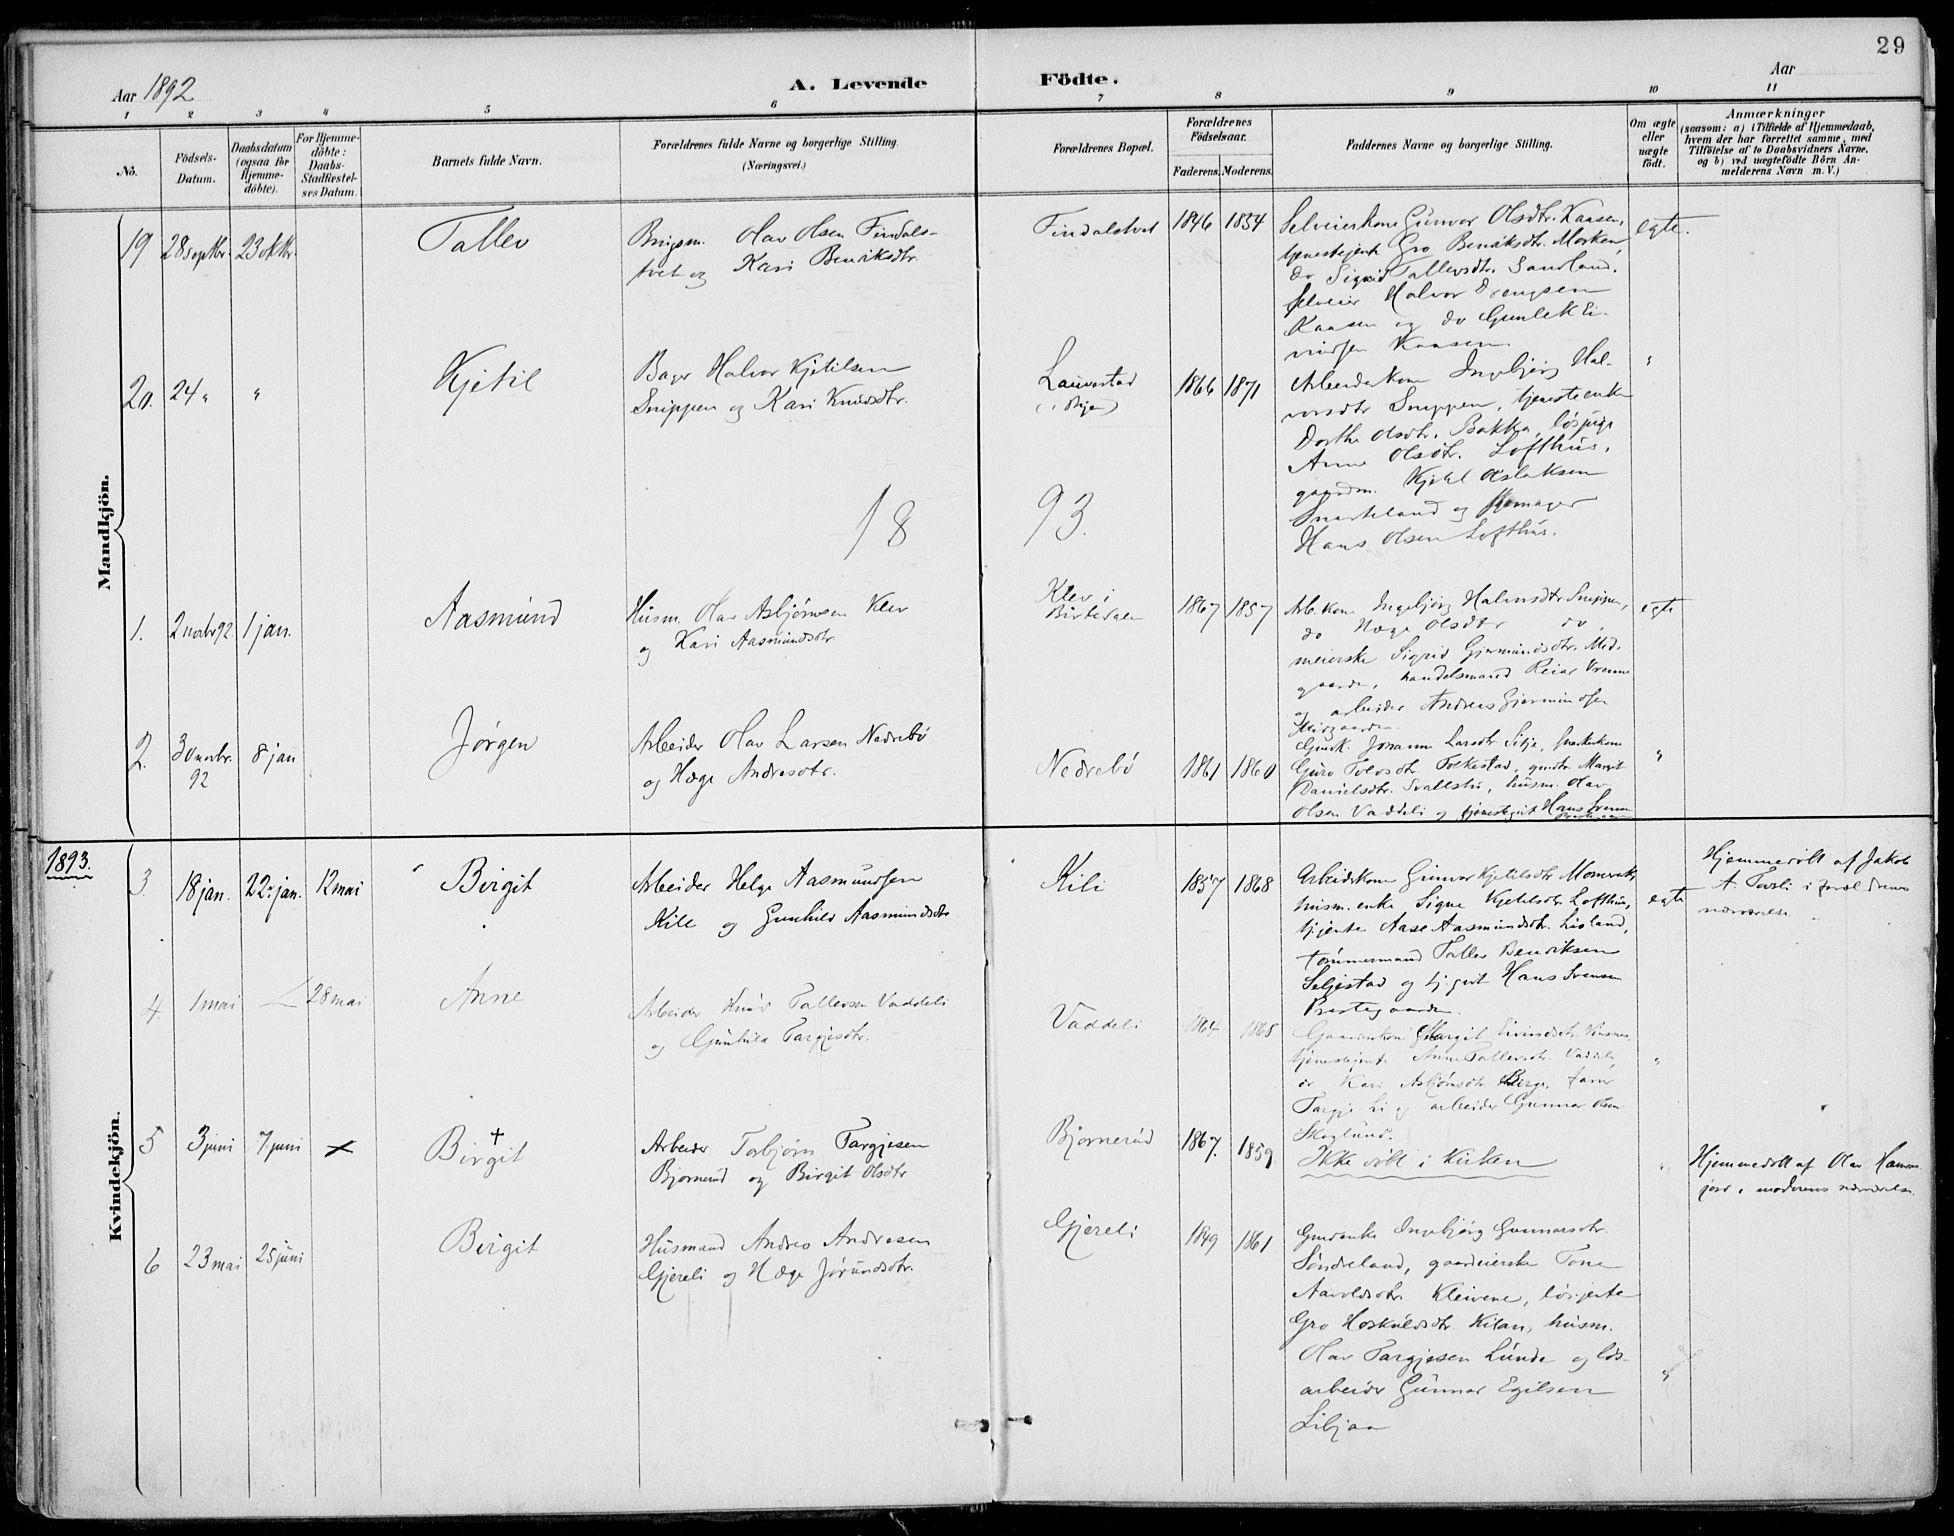 SAKO, Fyresdal kirkebøker, F/Fa/L0007: Ministerialbok nr. I 7, 1887-1914, s. 29